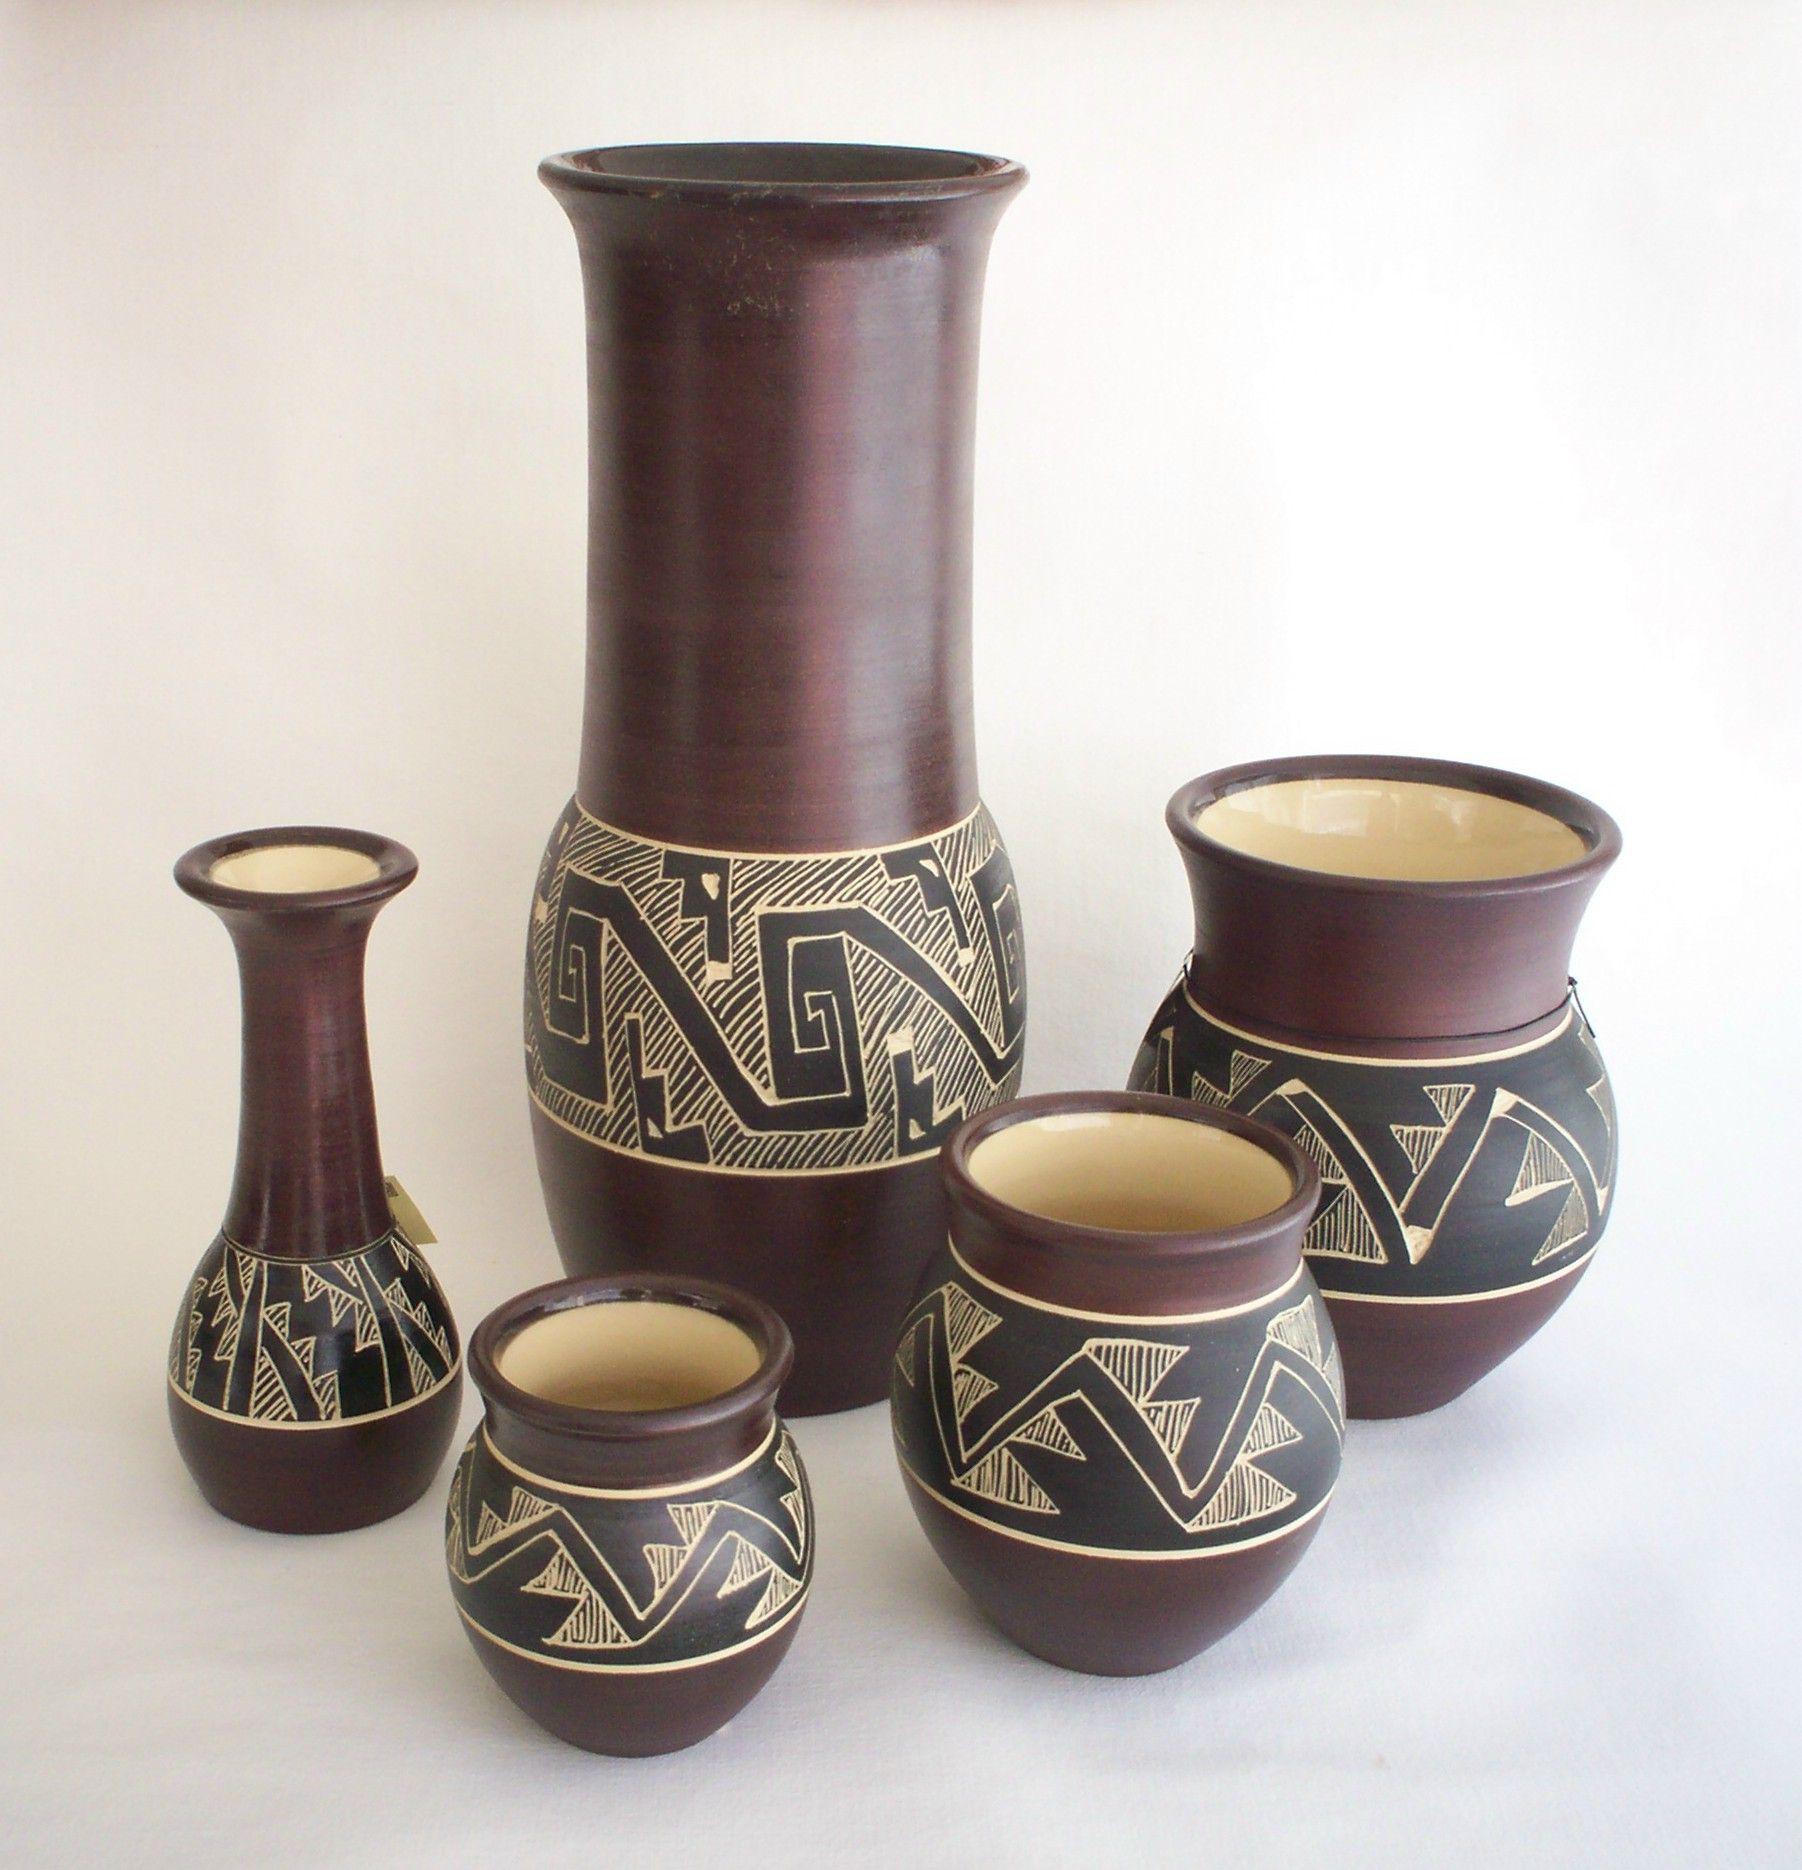 Alfareria Con Dise Os Precolombinos Pottery